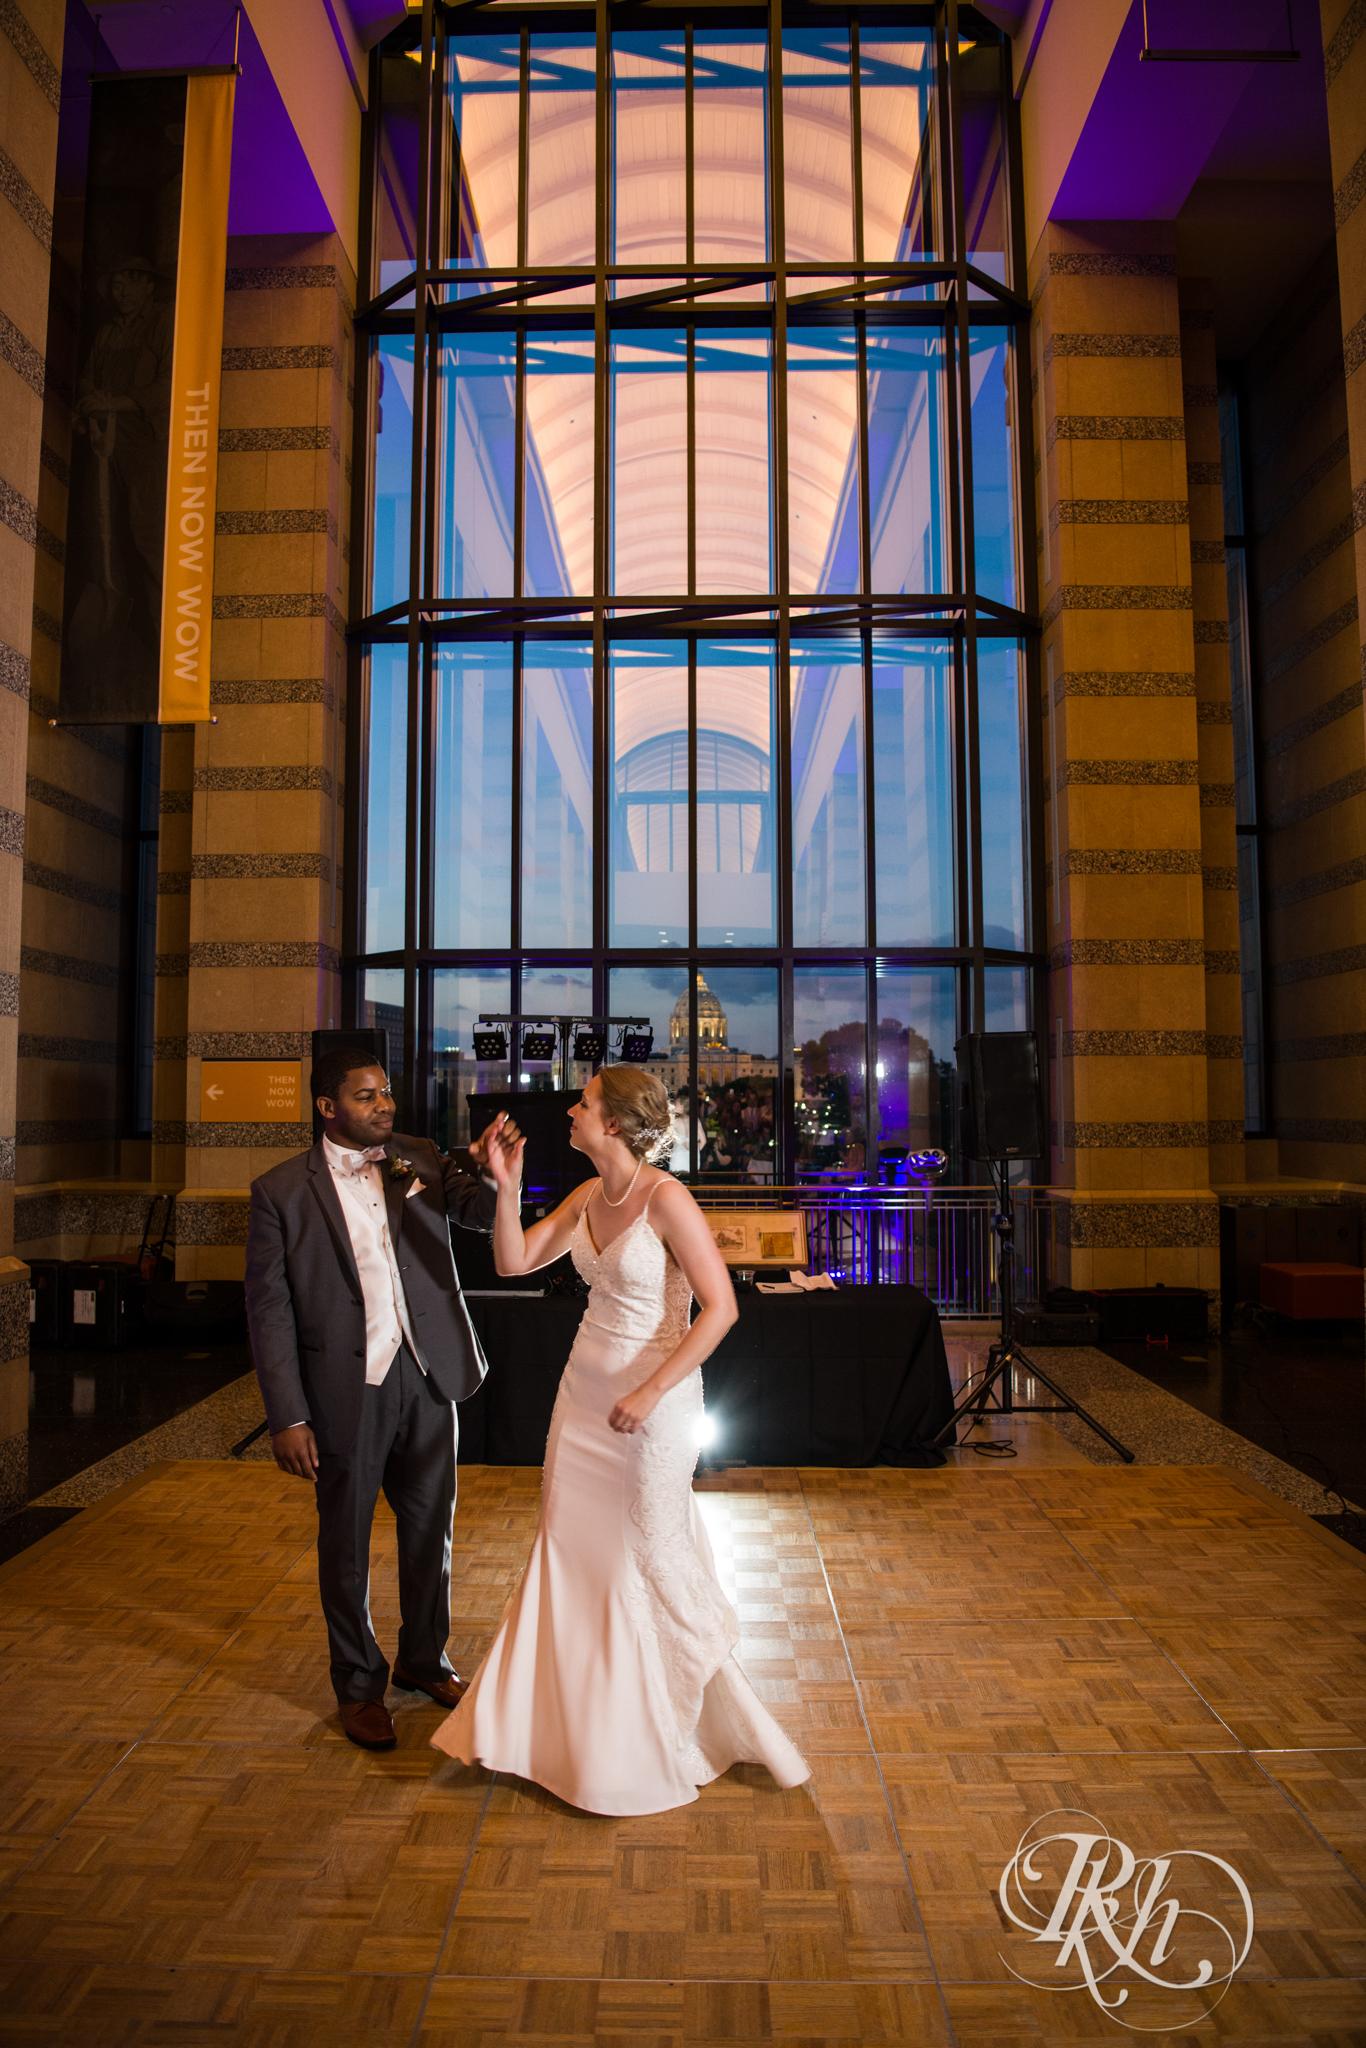 Laura and Adekunle - Minnesota Wedding Photographer - Minnesota History Center - RKH Images - Blog (69 of 75).jpg